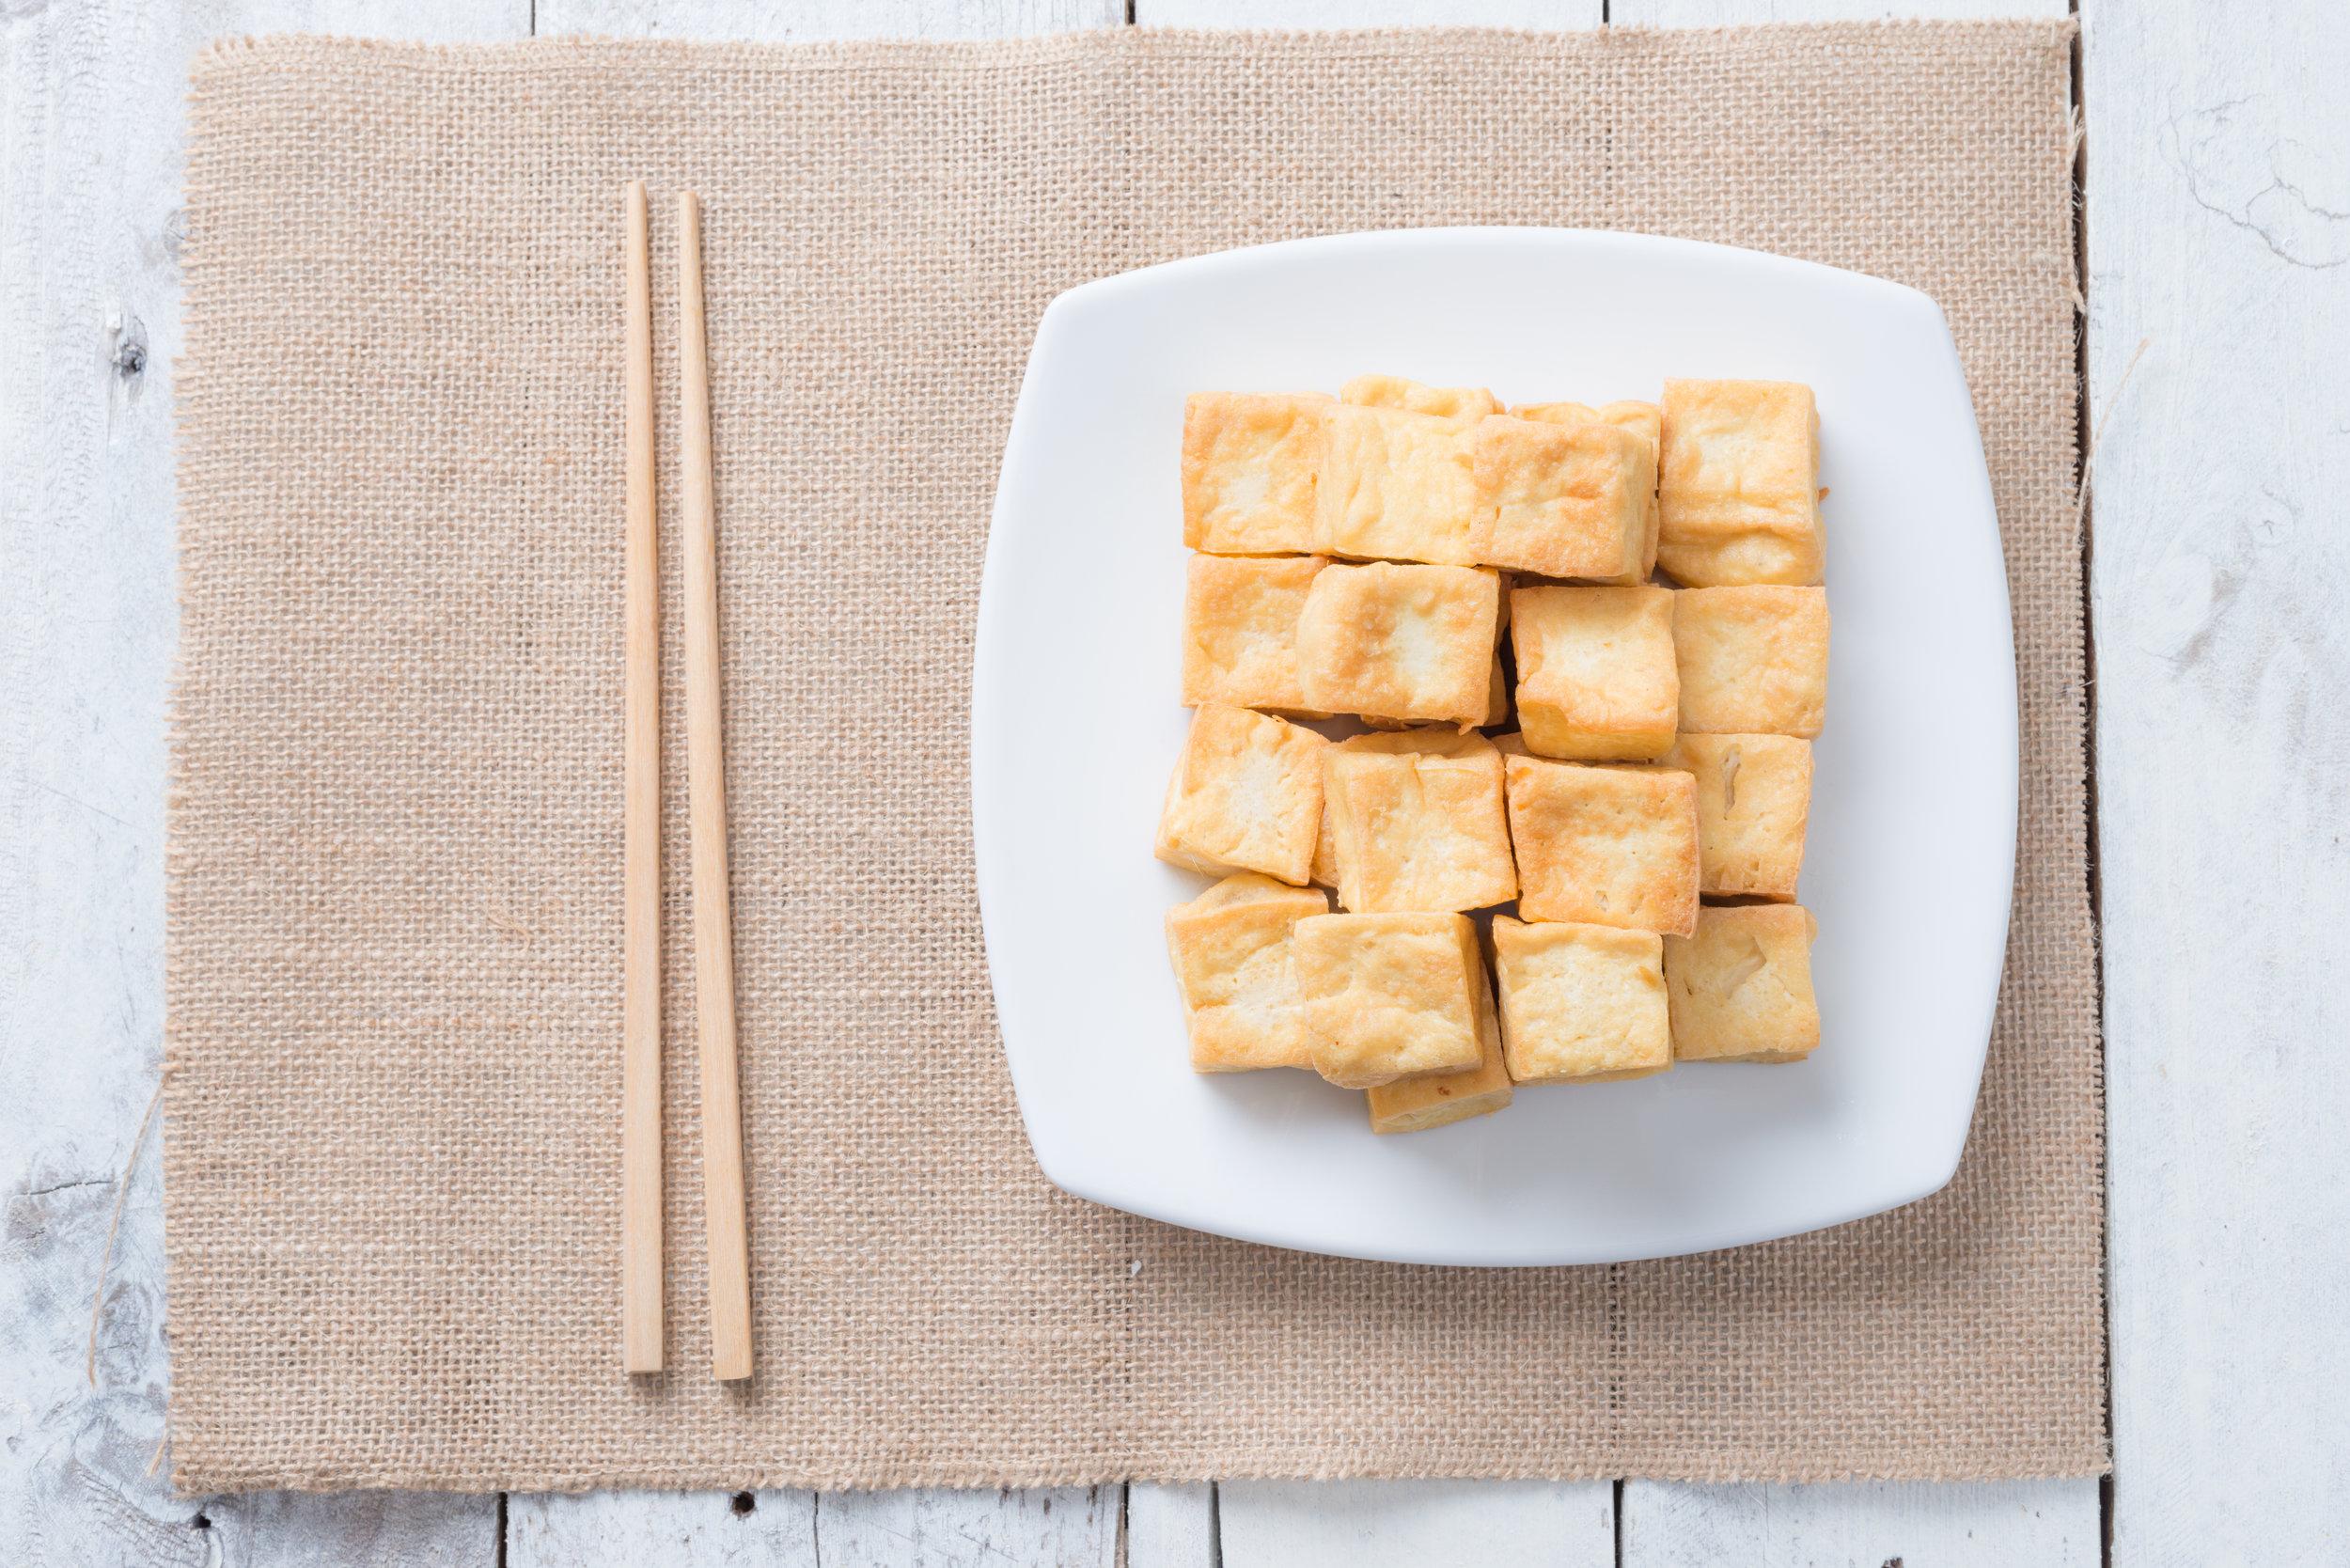 Truc #1 Le secret est dans la marinade - Faites mariner votre tofu de la même manière que votre viande! Quelques heures avant la cuisson, dans un contenant hermétique, ajoutez le tofu en cube ainsi que la marinade de votre choix. Faites revenir le tofu à feu moyen-fort avec la marinade jusqu'à ce que celui-ci devienne doré! La cuisson sur le BBQ est également délectable! Astuce du nutritionniste : J'ai surpris mes amis l'été dernier, en camping, quand j'ai sorti de ma glacière un morceau de tofu que j'avais préalablement fait mariner à la maison et que j'avais coupé en tranches épaisses! Imaginez le festin : un hot-dog réinventé composé du tofu mariné à l'asiatique grillé sur le feu de camps avec du fromage fondant... le tout déposé dans un pain baguette! J'en salive encore!